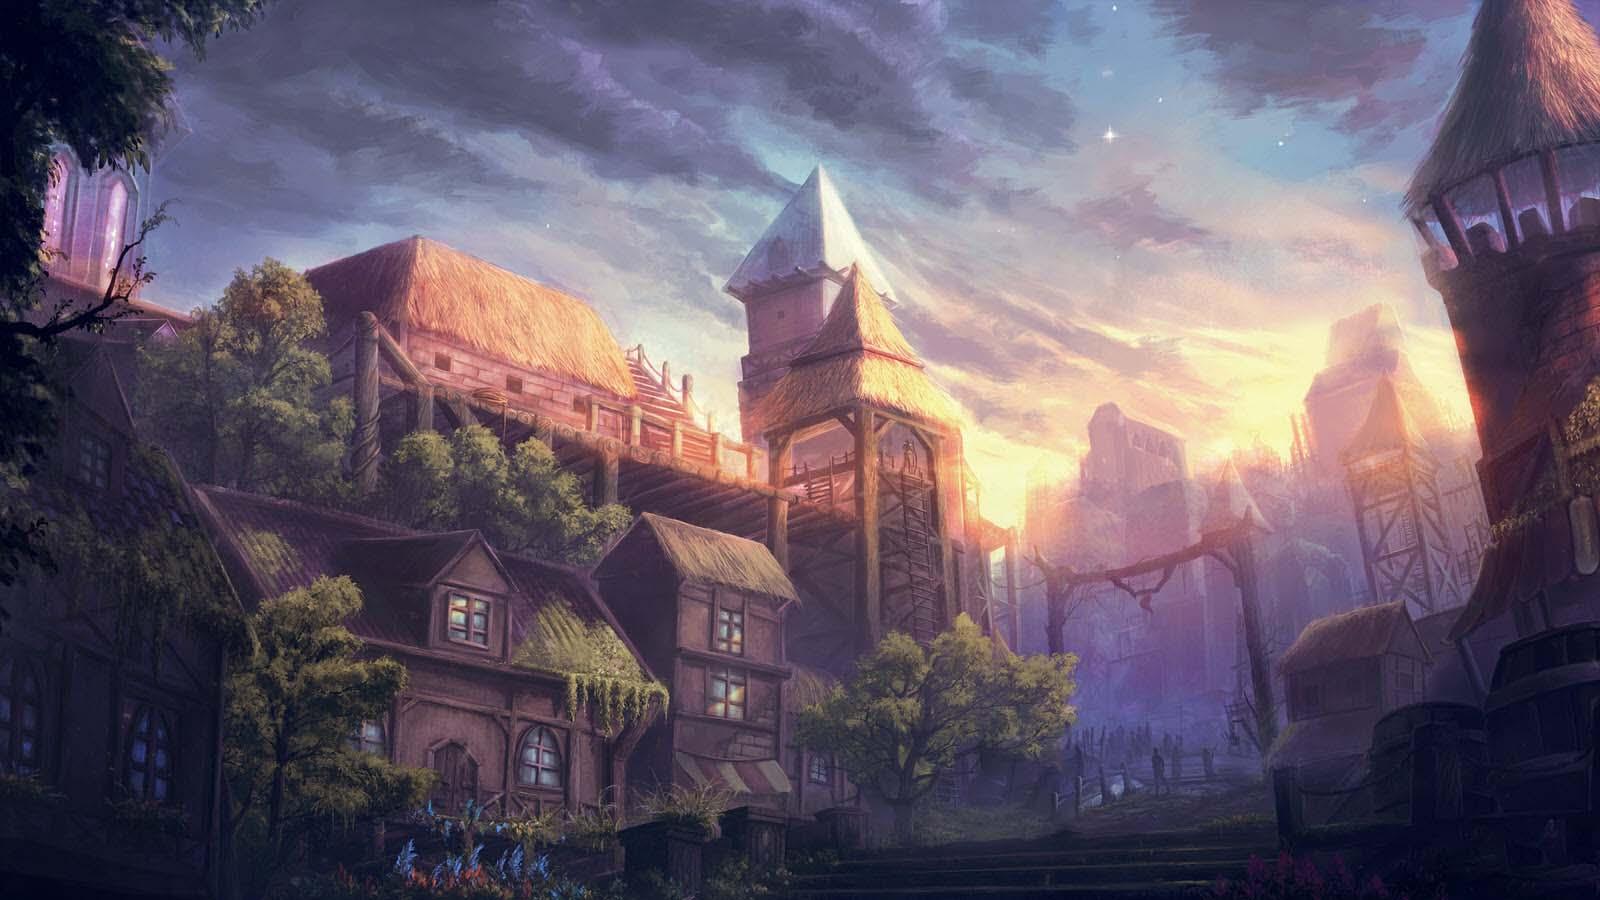 Hình ảnh đẹp phong cảnh anime